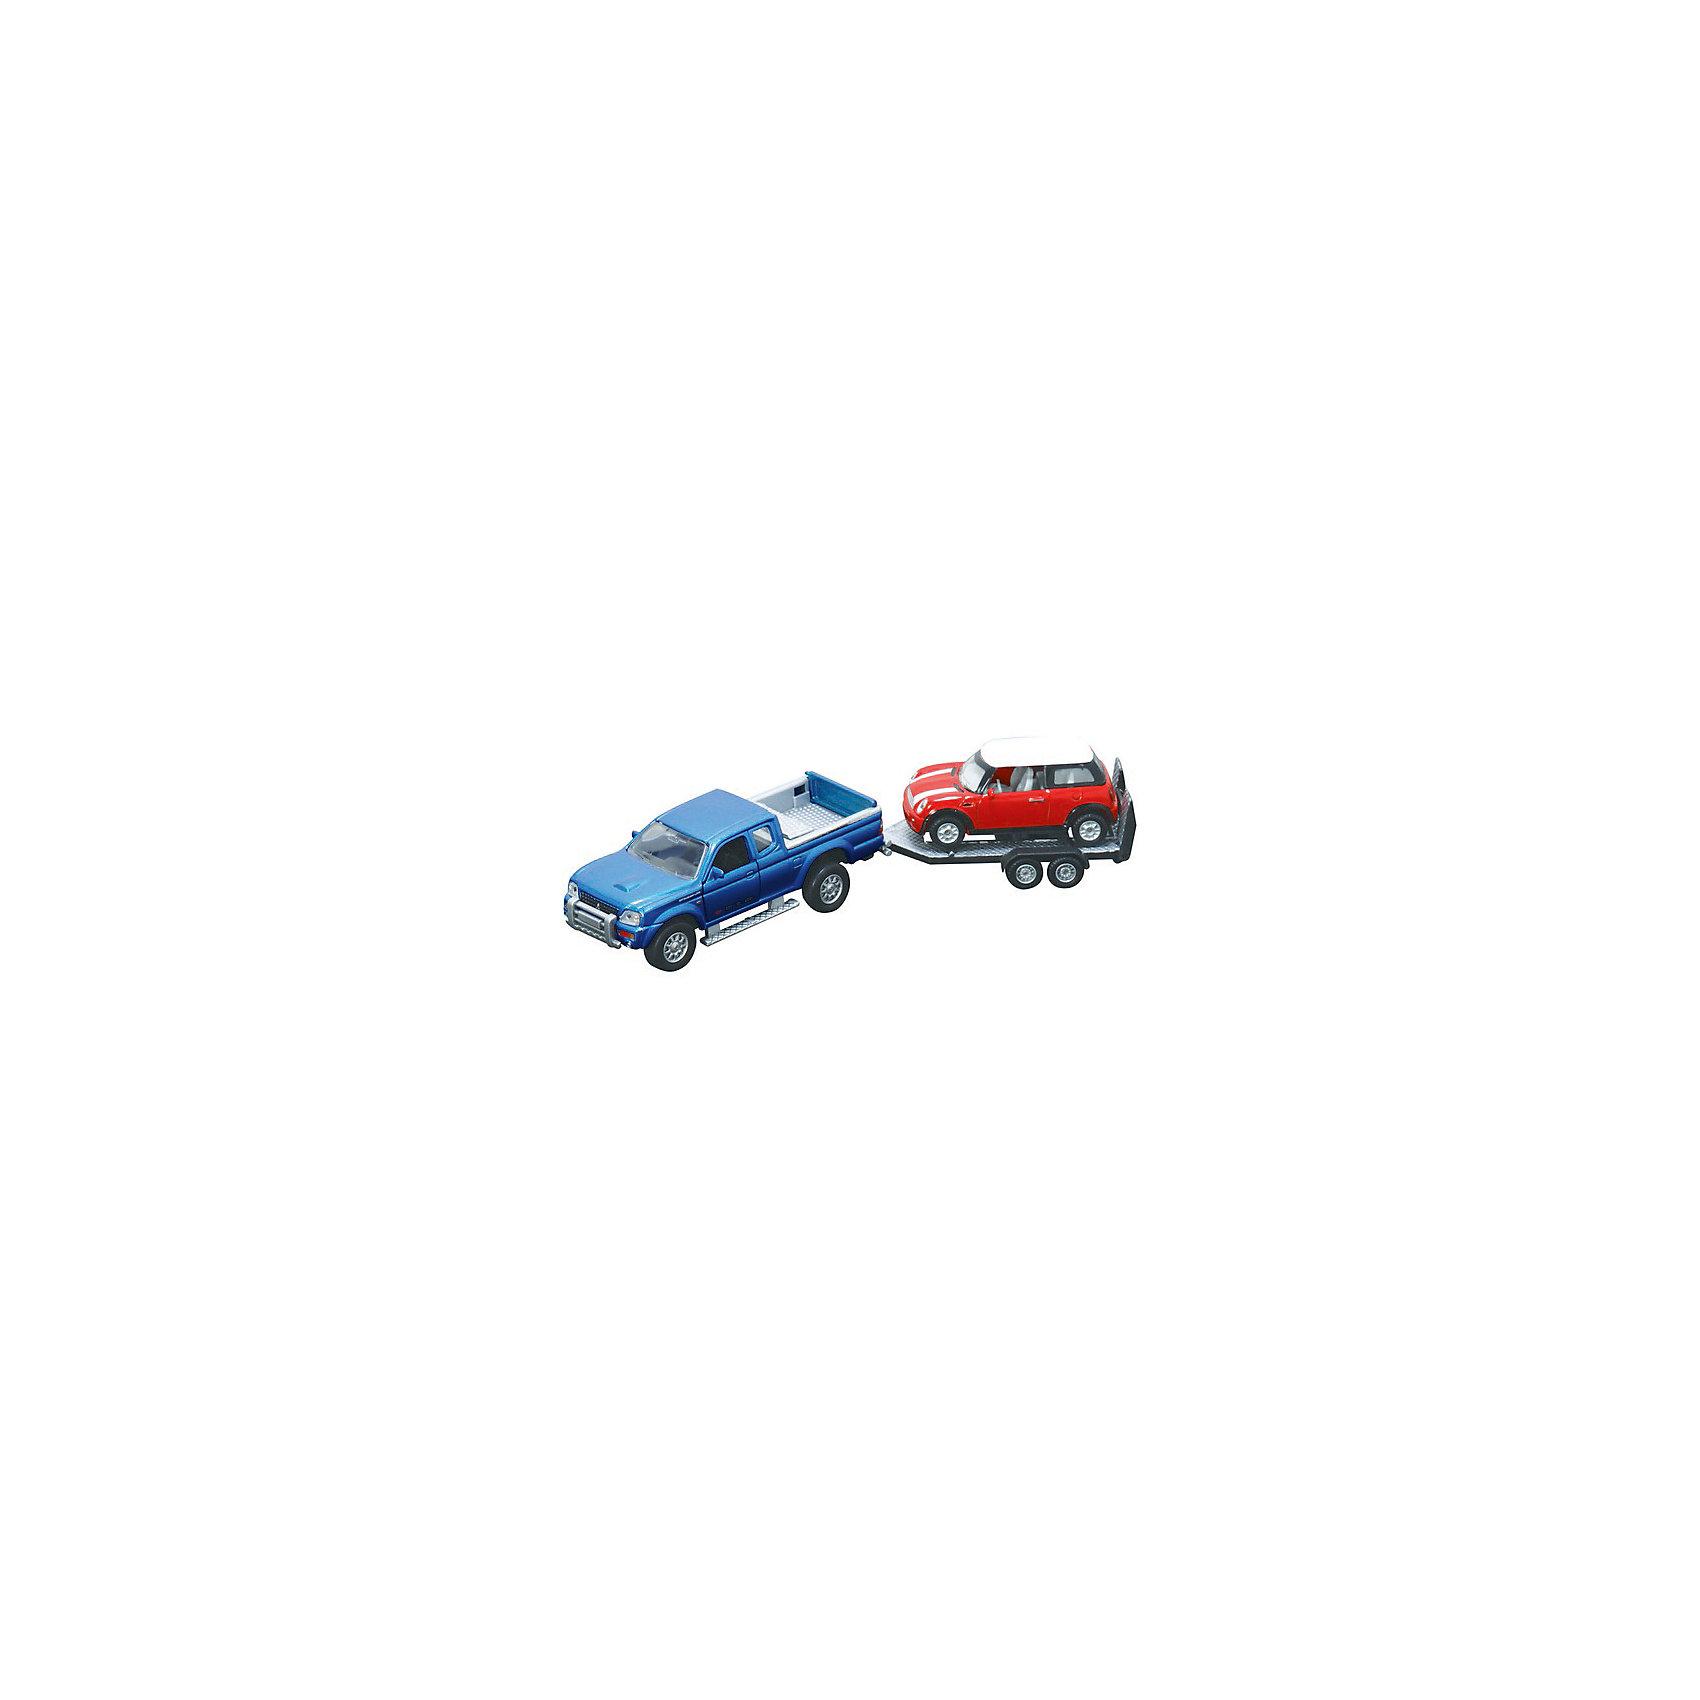 Машинки с прицепом, HTl GrоuрБольше всего мальчишки любят играть с машинками. Даже во взрослом. Сознательном возрасте. Просто с годами растут запросы к размерам автомобилей. Для детей от 3 лет прекрасным вариантом станет игровой набор от HTI Эвакуатор с прицепом и мини-Купером. <br>Машинки в масштабе 1:43, и 1:32 на Ваш выбор- выполнены из высококачественных материалов пластика с металлическими элементами. Он отвечает высочайшим европейским требованиям безопасности, поэтому смело можете давать его ребенку от 3 лет.<br>Машинки детализированы, поэтому игра с ними будет намного интереснее, чем с любыми другими. Такой набор станет отличным началом, либо прекрасным дополнением чудесной коллекции.<br><br>Машинки с прицепом, HTl Grоuр можно купить в нашем магазине.<br><br>Ширина мм: 29<br>Глубина мм: 7<br>Высота мм: 9<br>Вес г: 230<br>Возраст от месяцев: 36<br>Возраст до месяцев: 96<br>Пол: Мужской<br>Возраст: Детский<br>SKU: 4574033